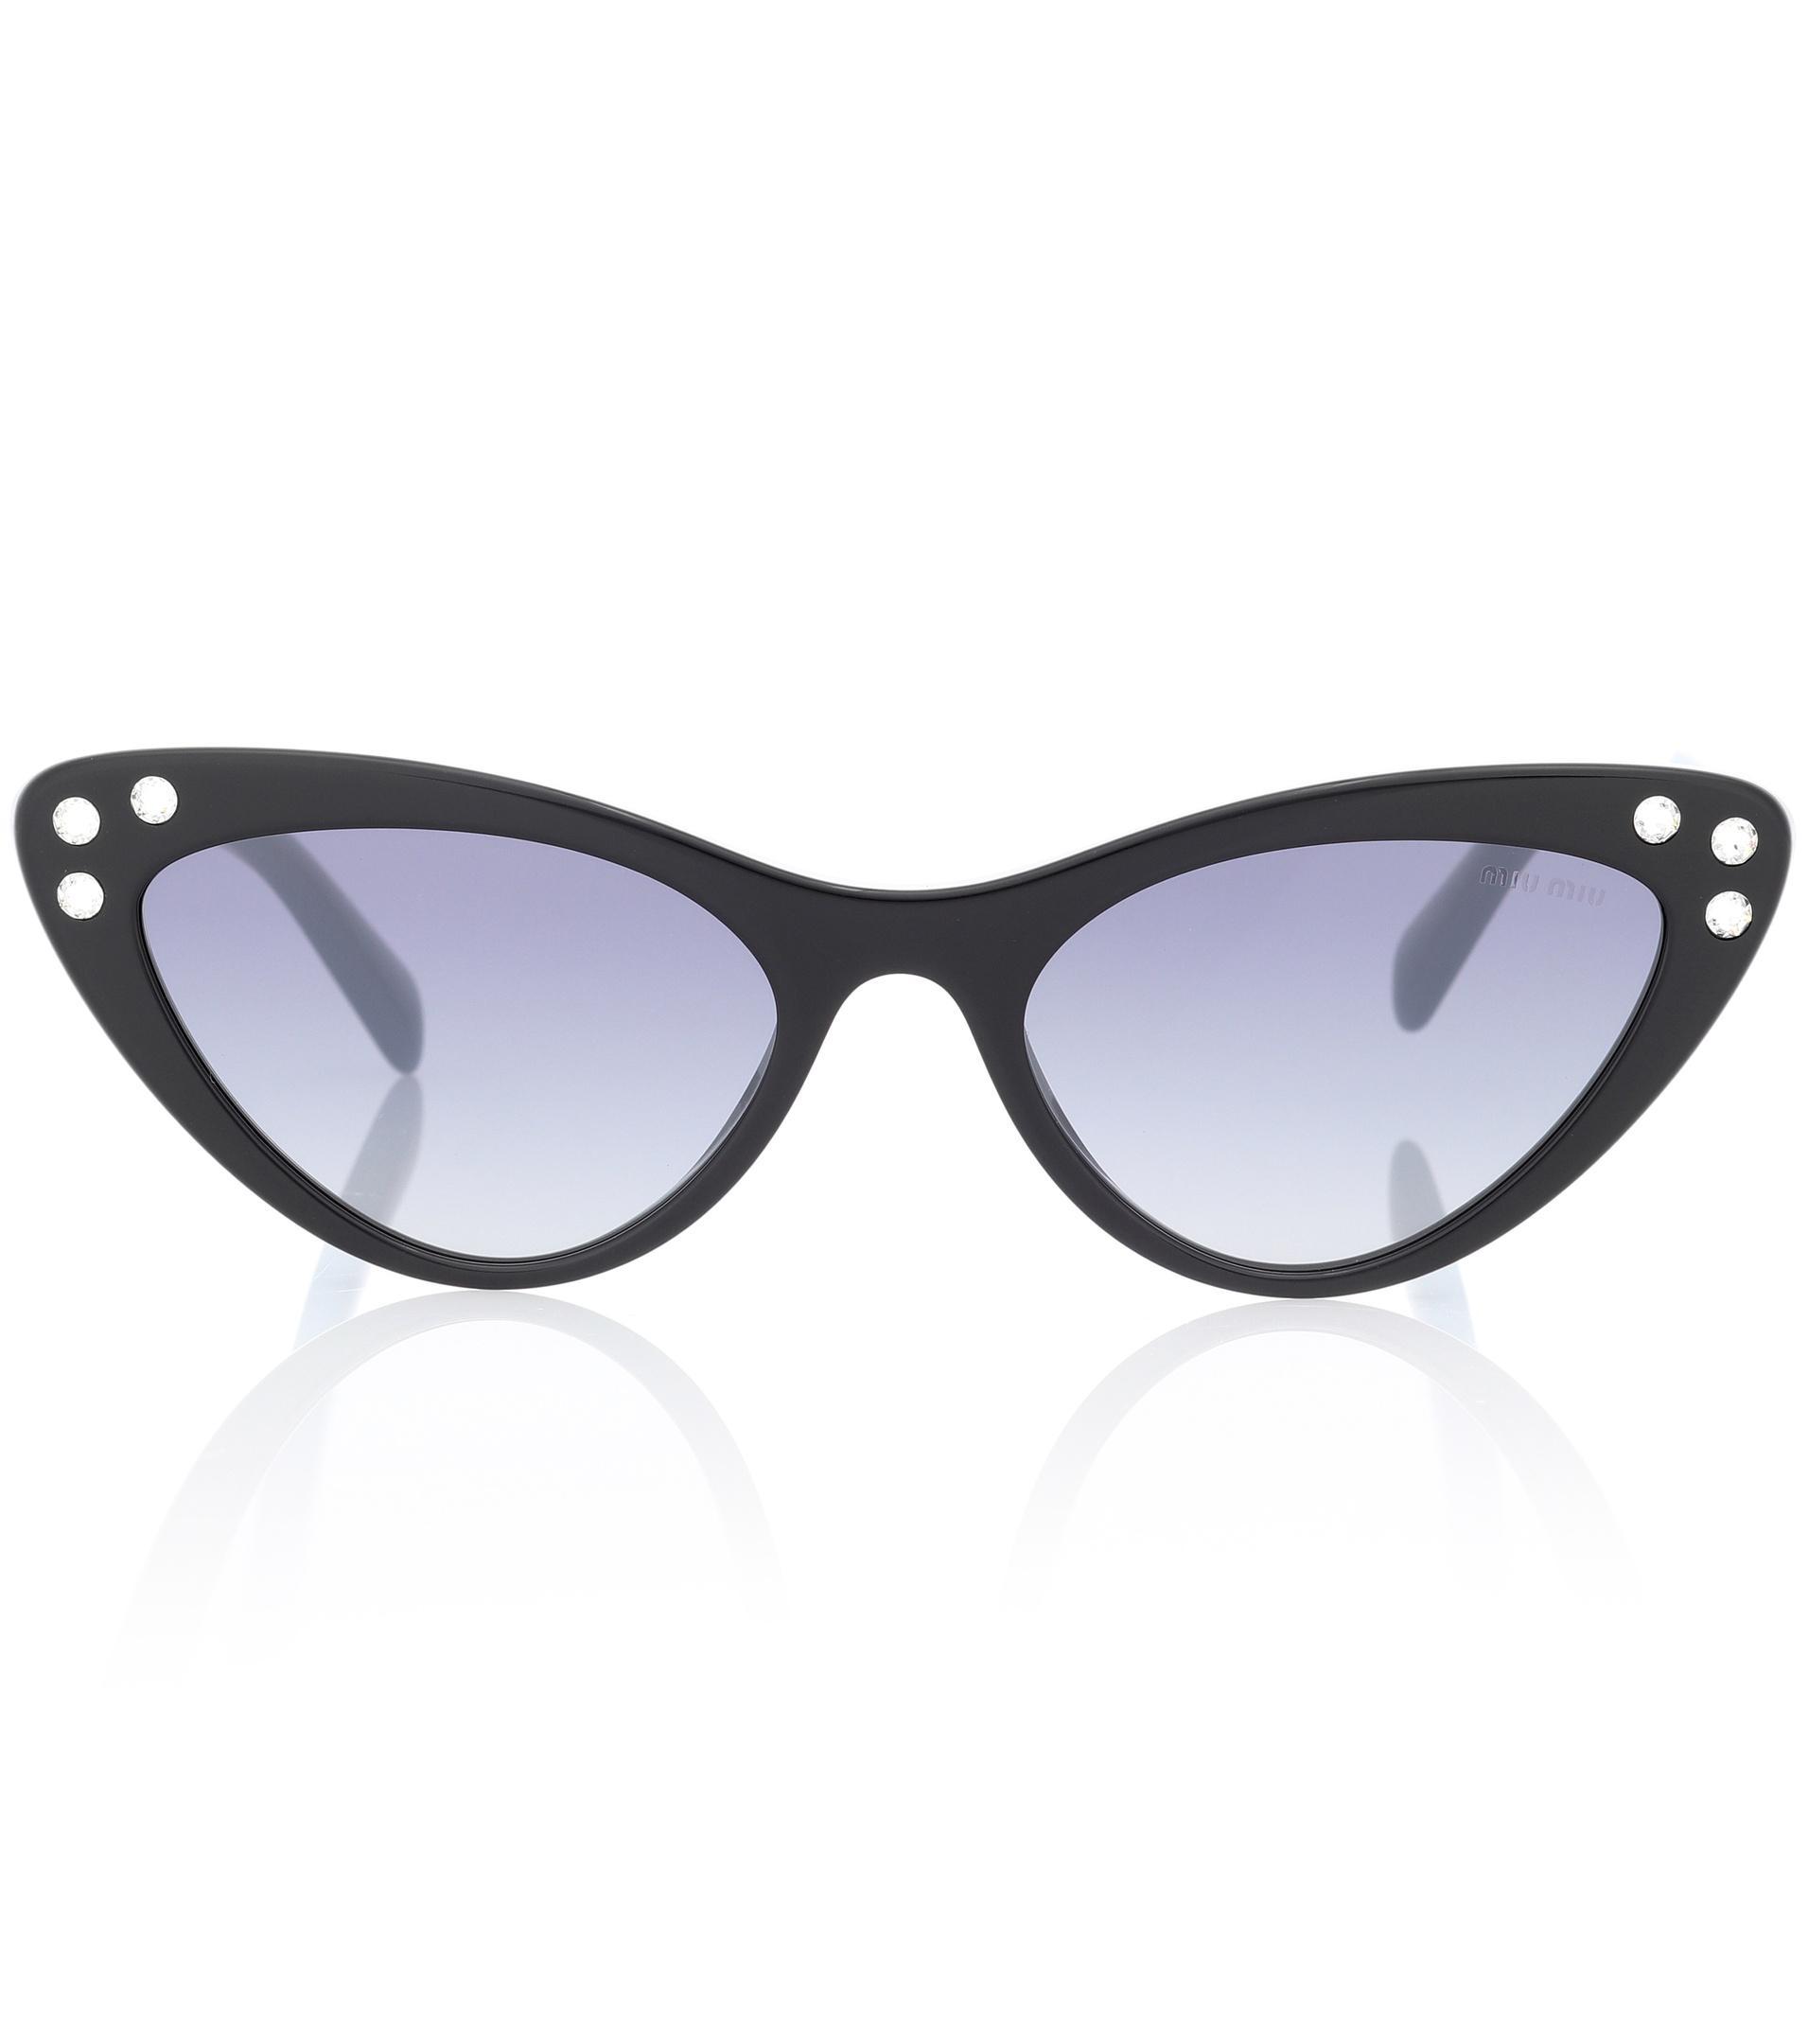 391a21d42026 Miu Miu Embellished Cat-eye Sunglasses in Black - Lyst